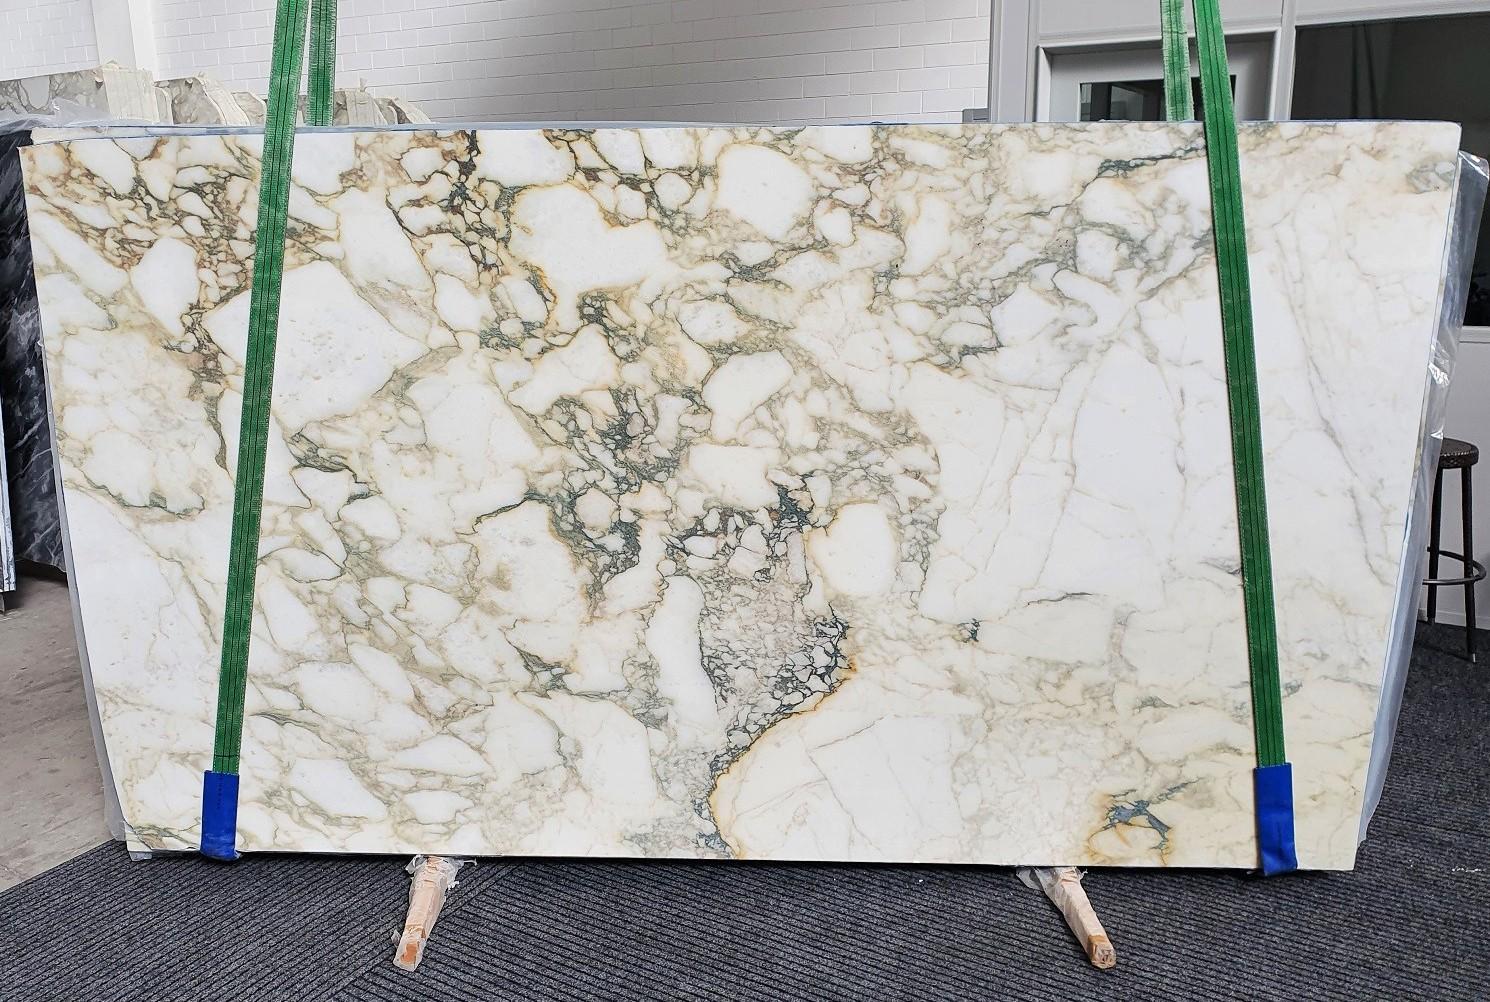 PAONAZZO VAGLI Suministro Veneto (Italia) de planchas pulidas en mármol natural 1363 , Slab #41